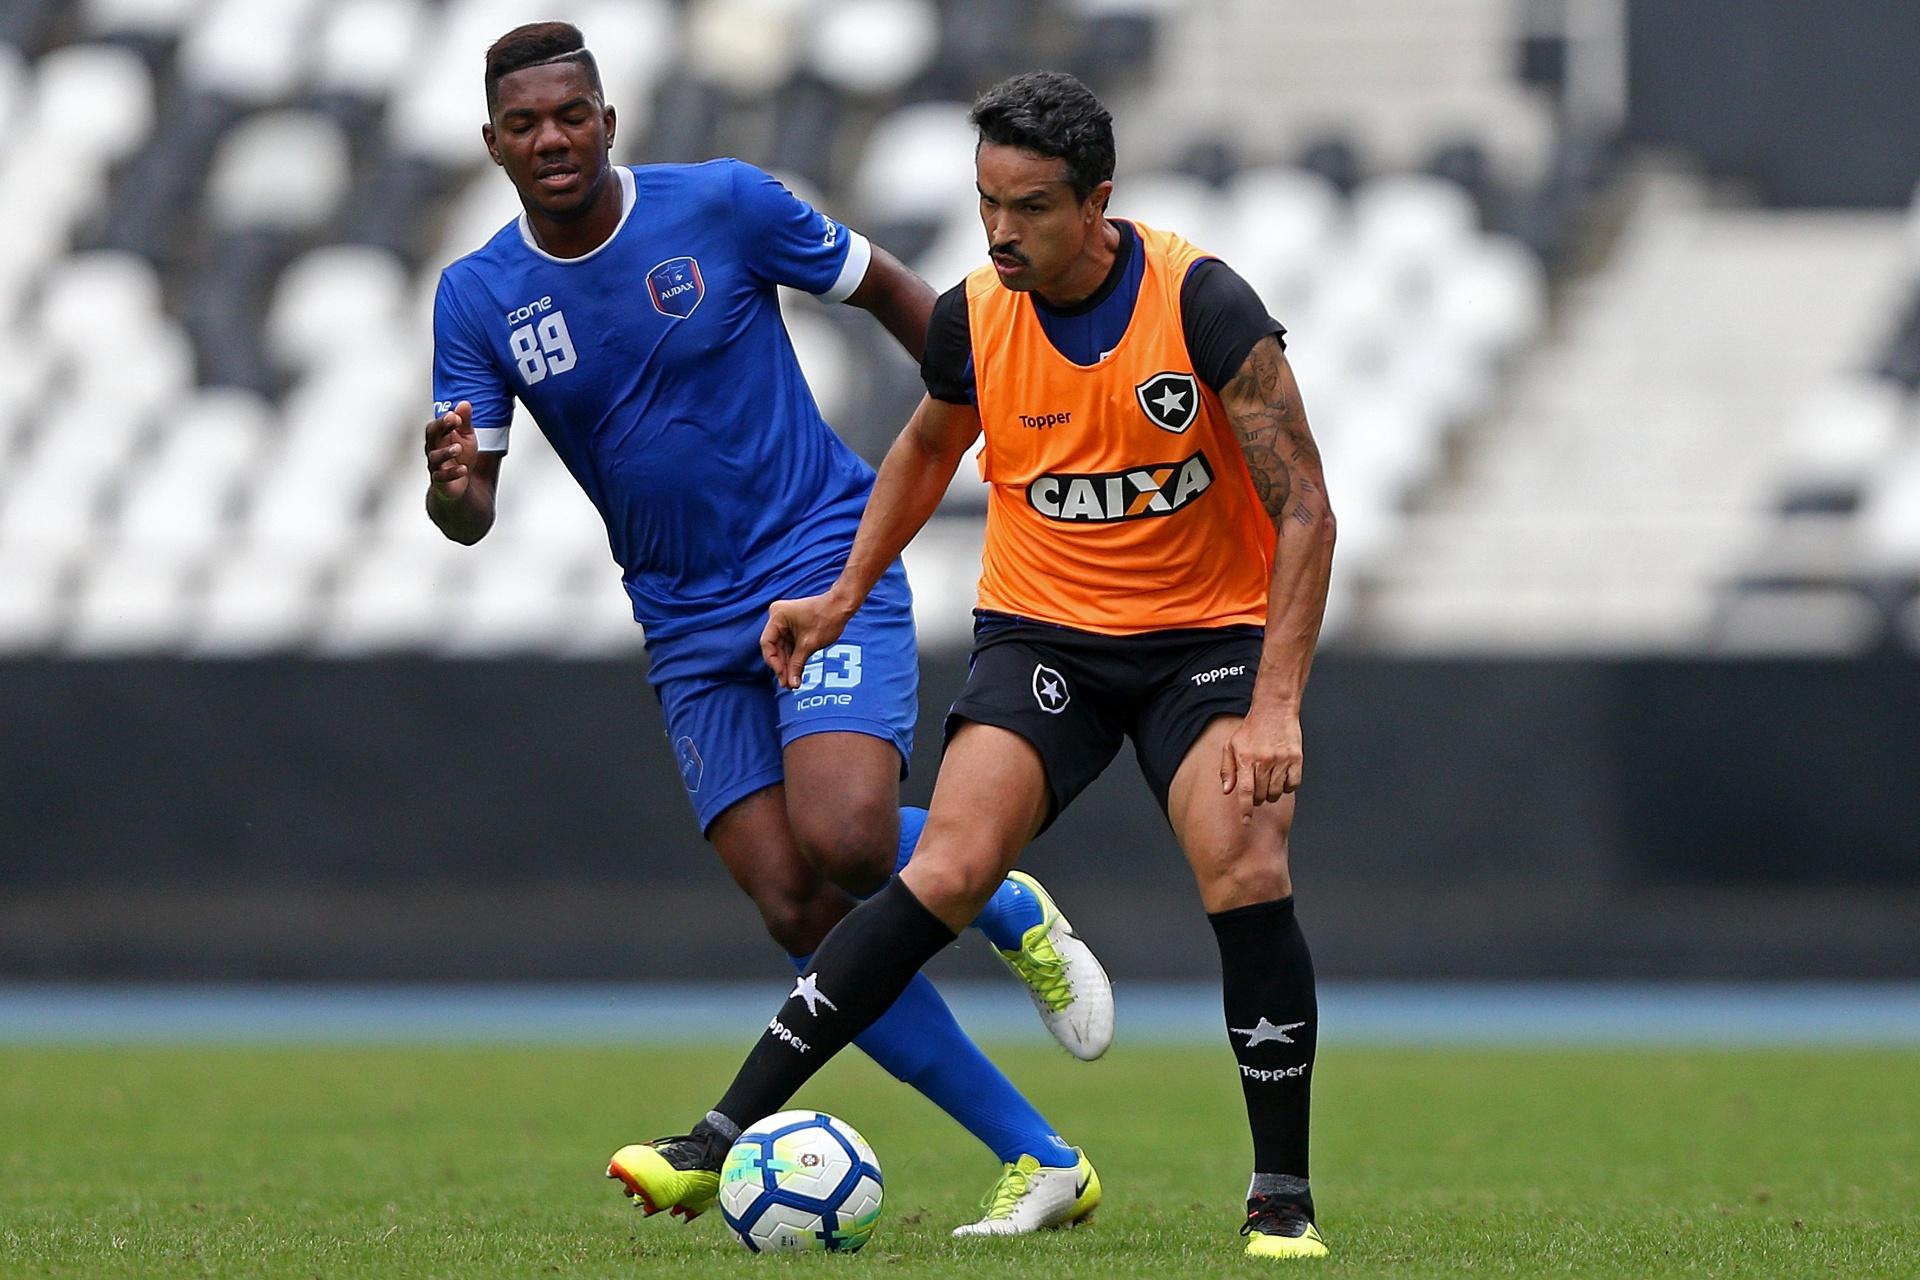 1945f87e12 Substituto de Matheus Fernandes é a dúvida do Botafogo contra Paraná -  24 11 2018 - UOL Esporte